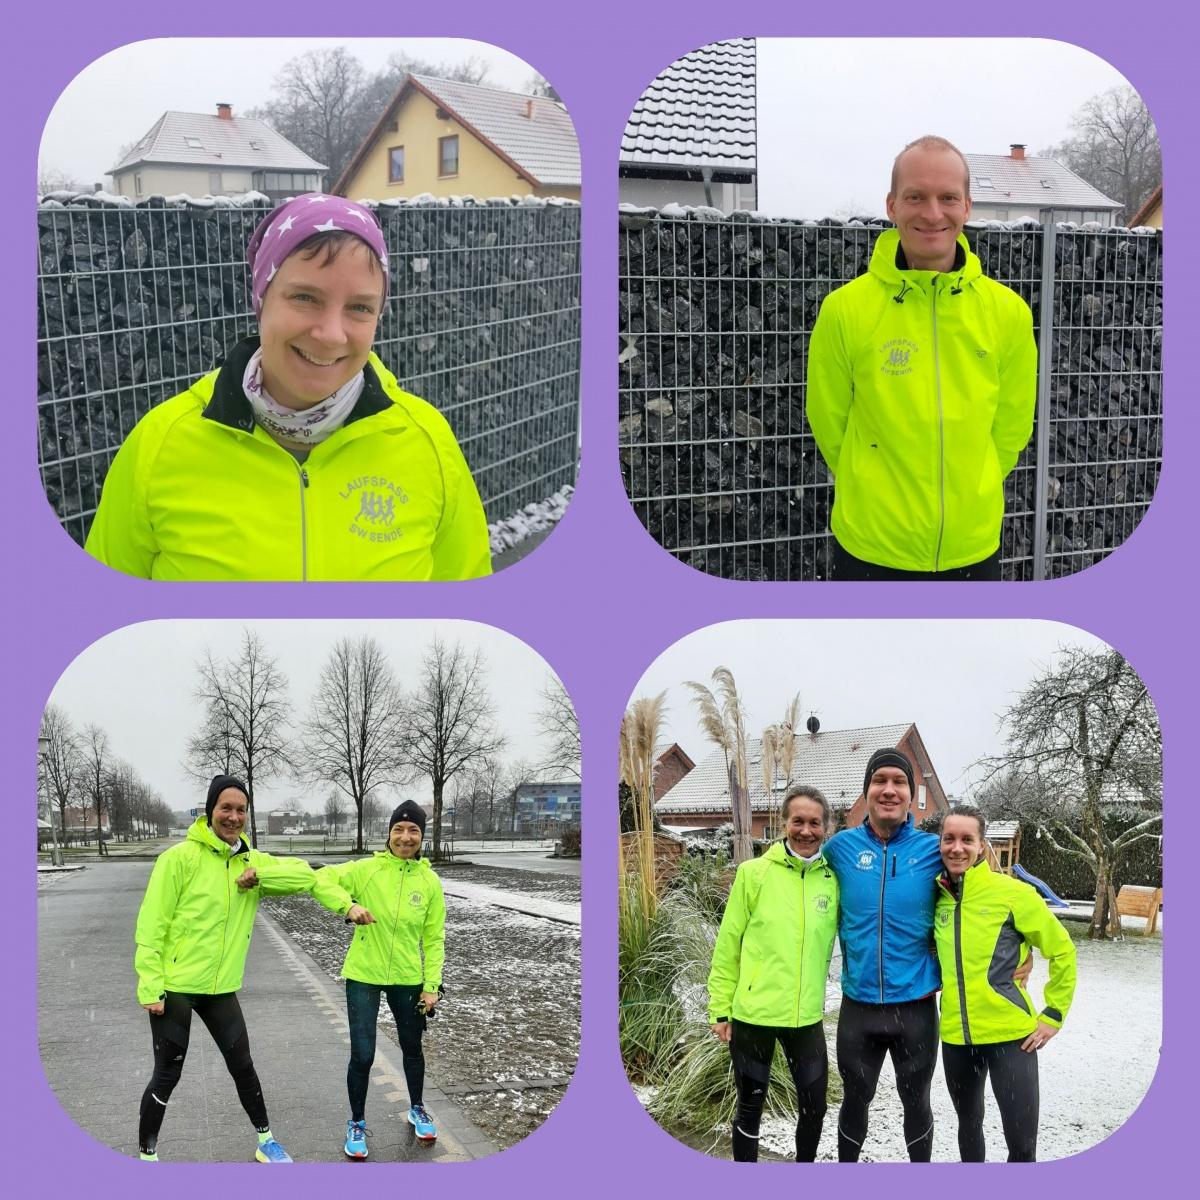 Pfizenmaier-Barbara-4-Challenge-Marathon-Team-poogt